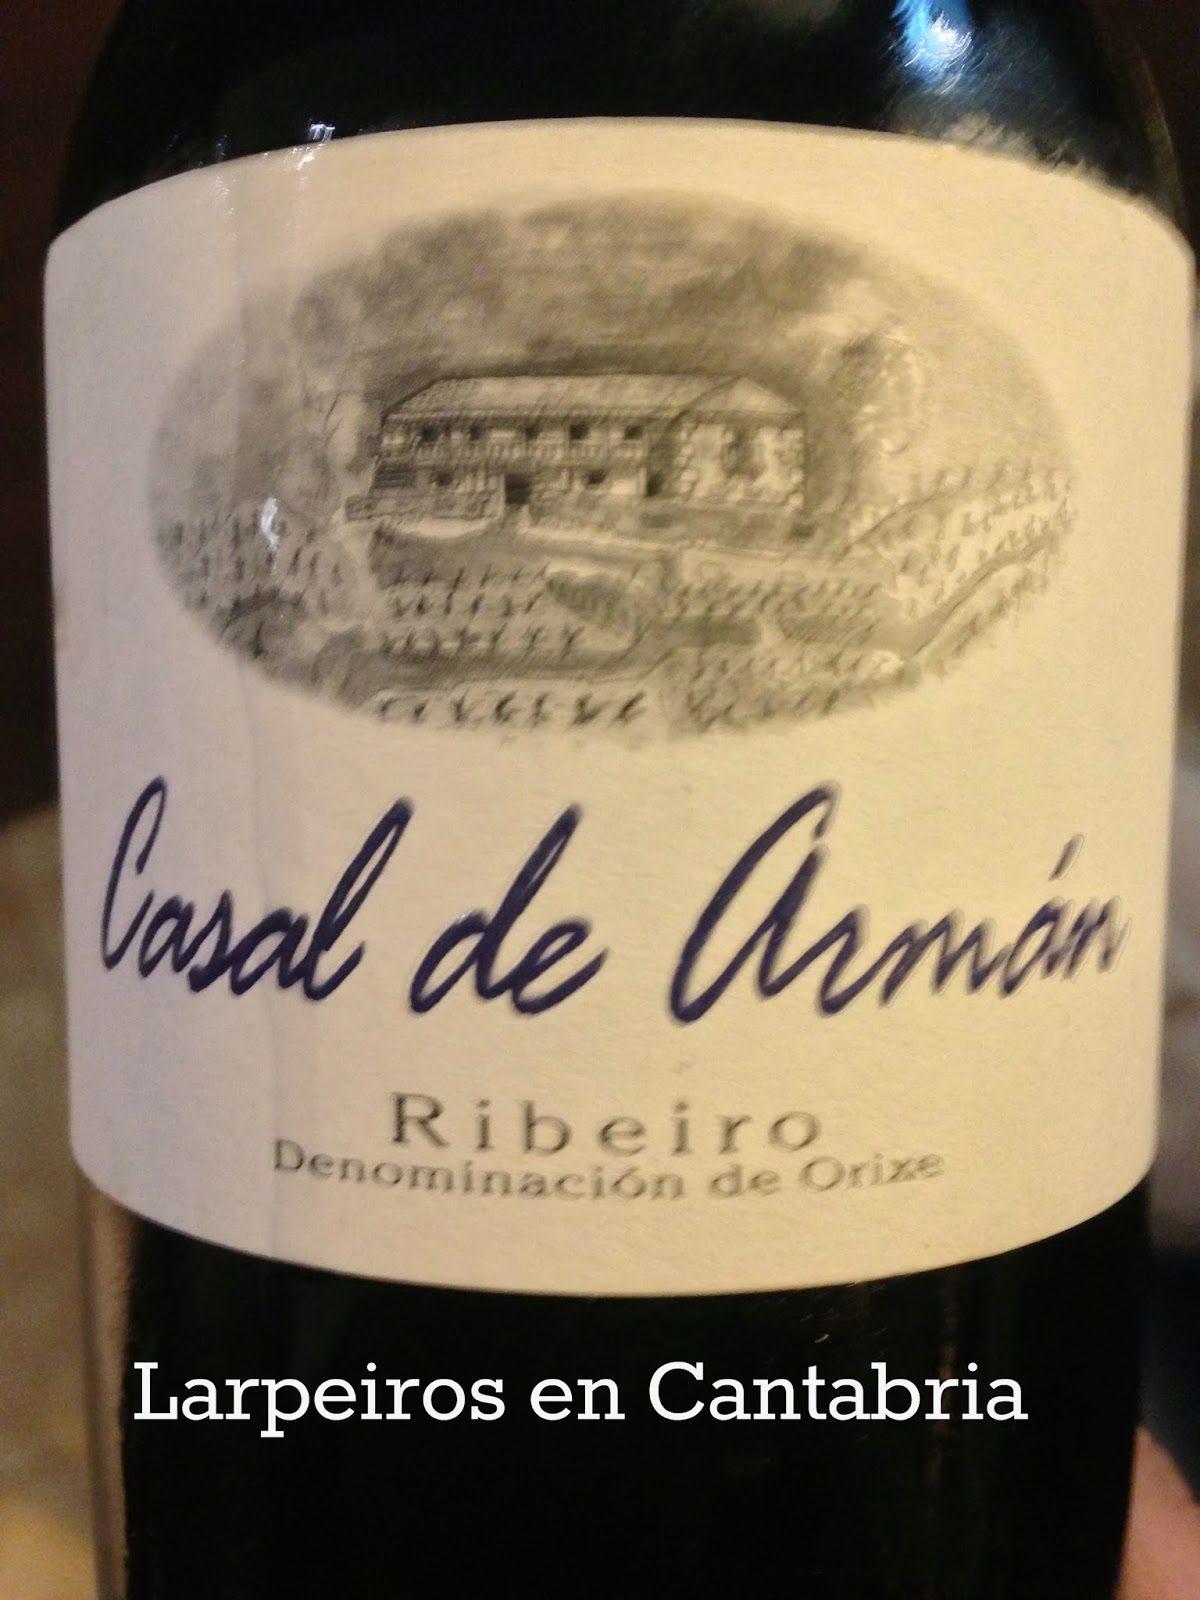 Vino Blanco Casal de Armán 2012: El mejor